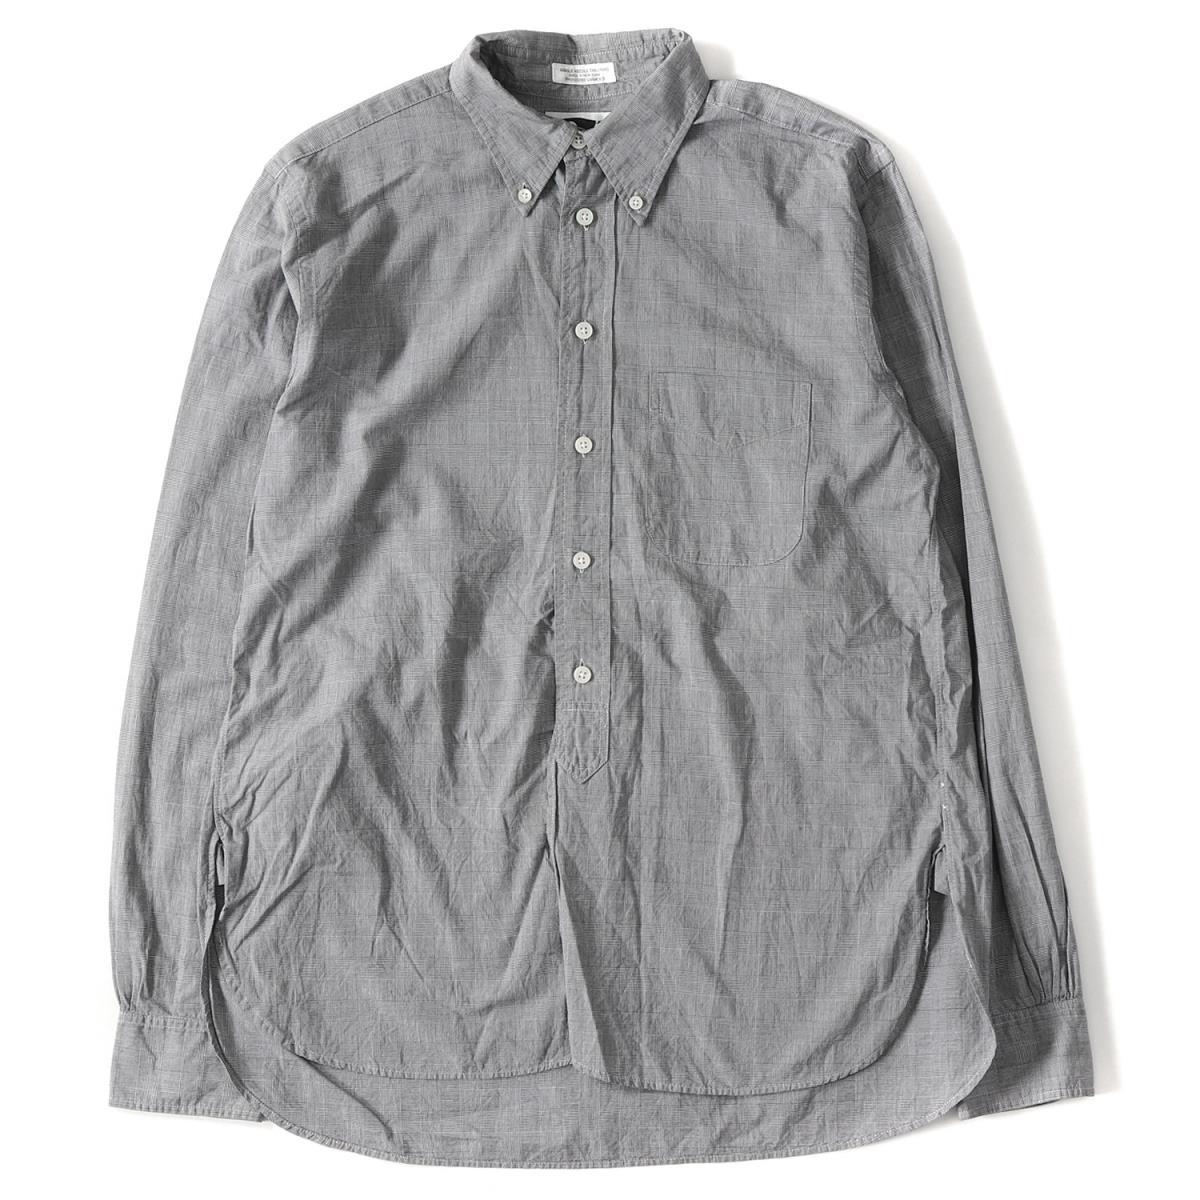 Engineered Garments (エンジニアドガーメンツ) チェック柄コットンボタンダウンシャツ ブラック×ホワイト XS 【メンズ】【K2156】【中古】【あす楽☆対応可】